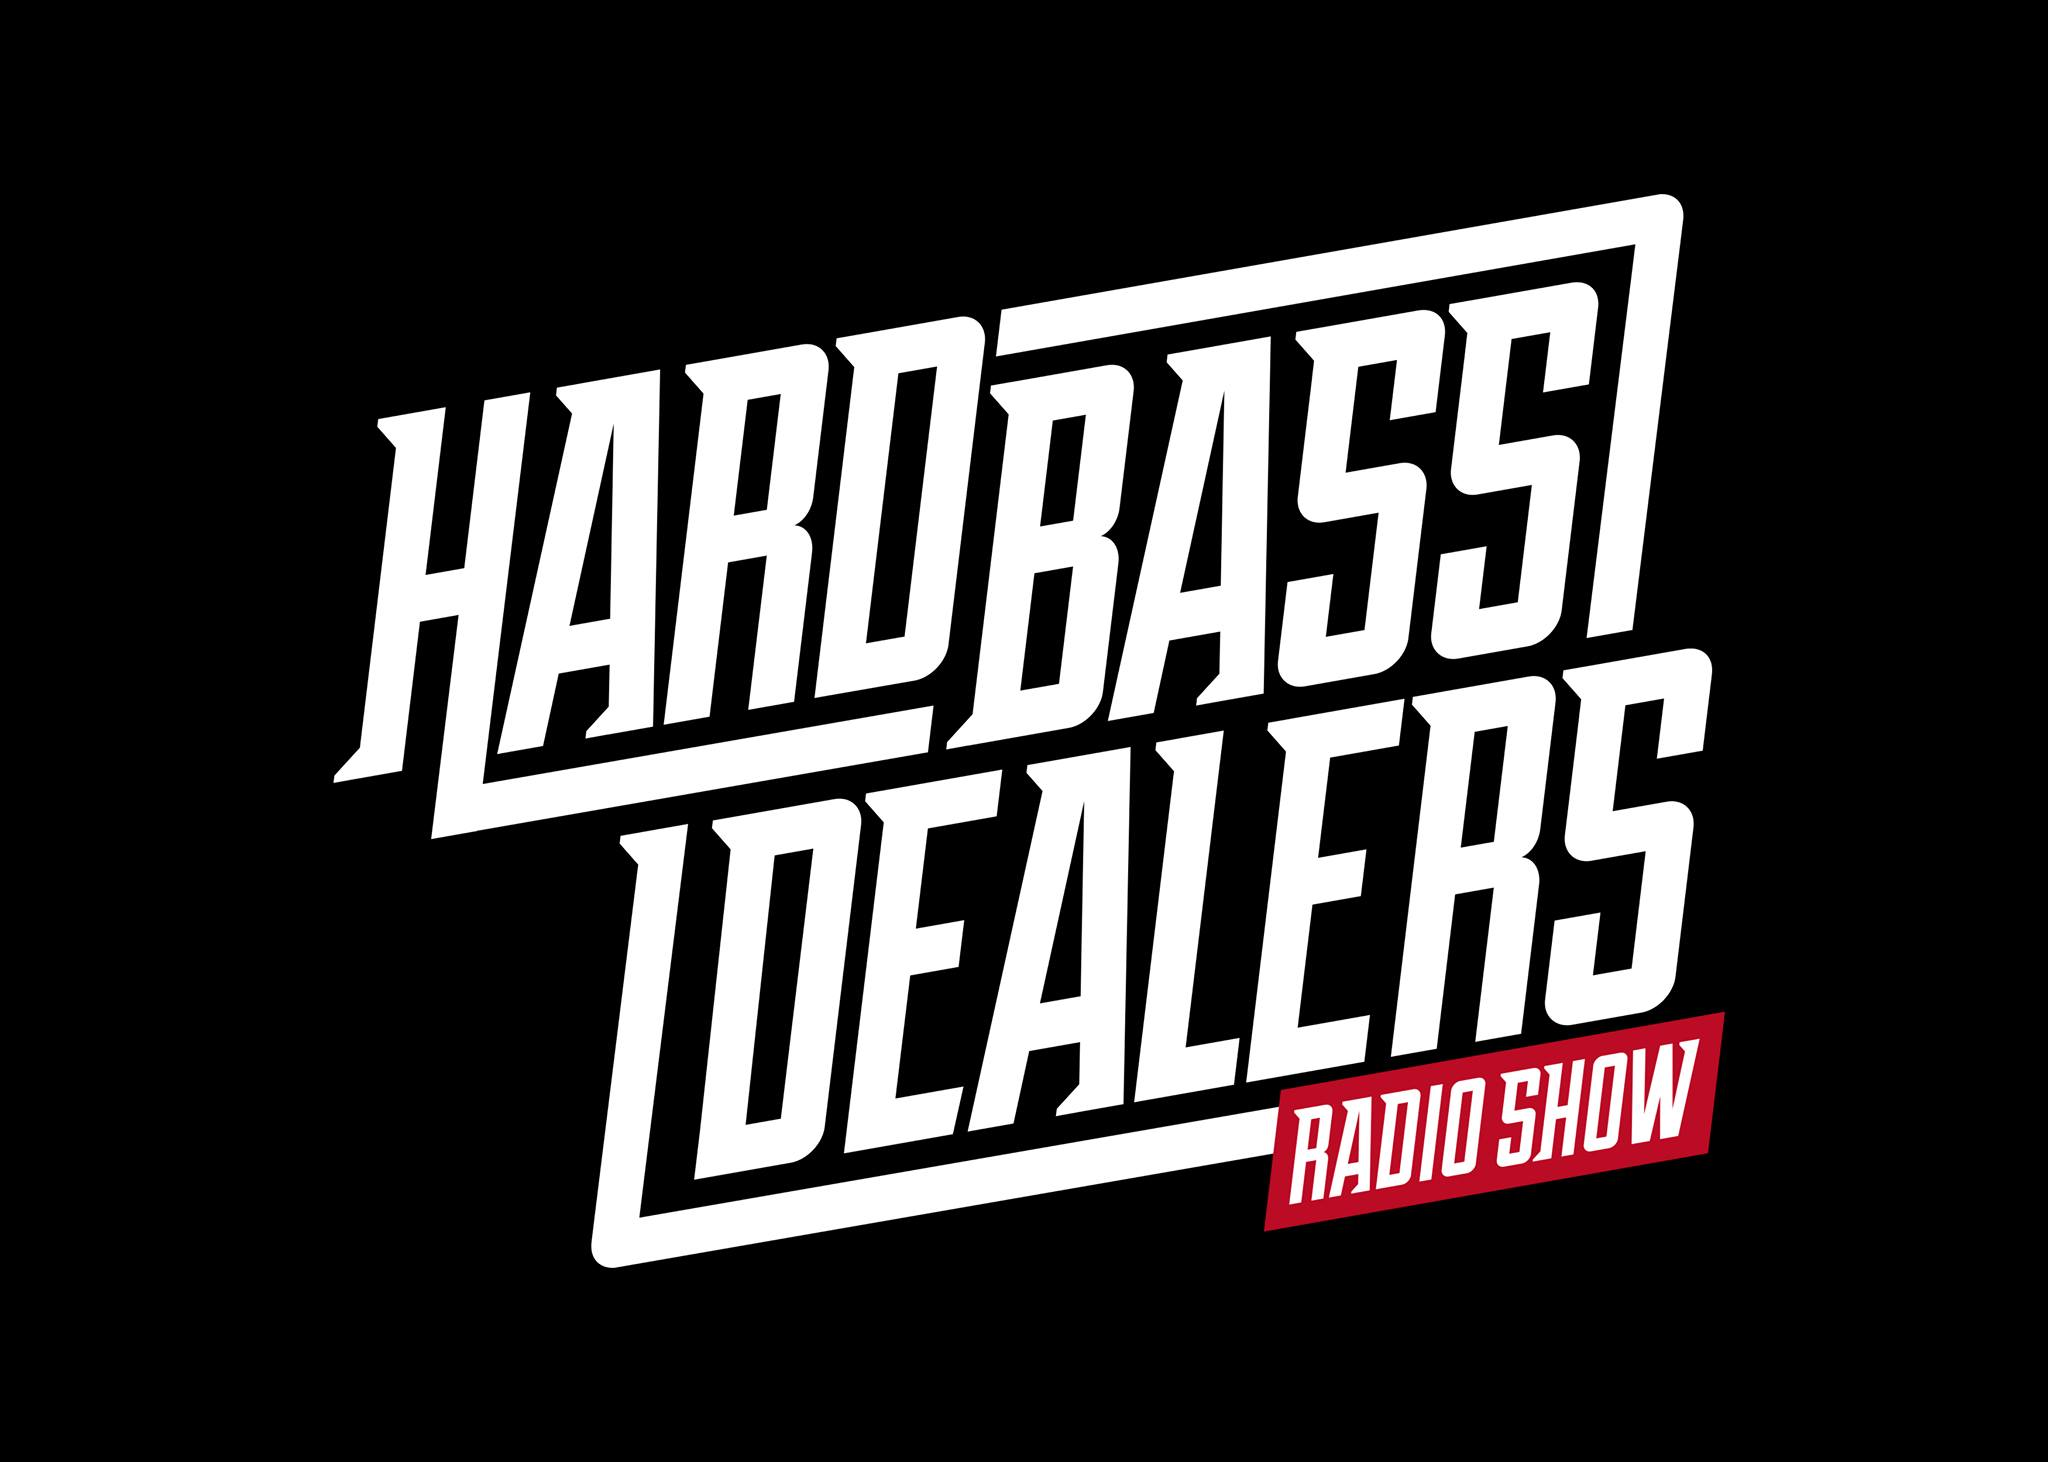 Hard Bass Dealers • Das Gemisch zum Sonntag Mittwoch 0007